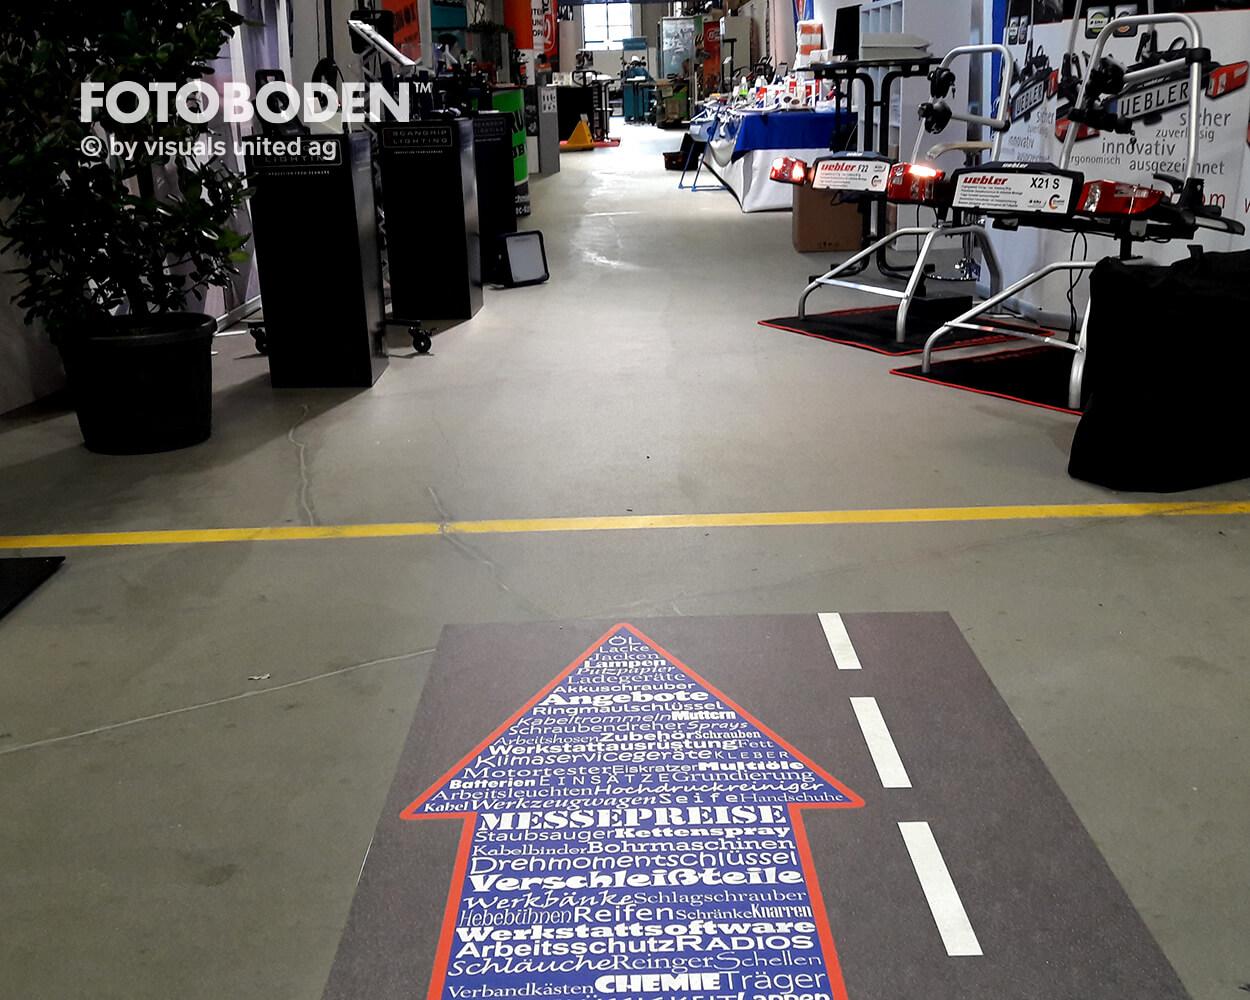 Lauenburg2 Fotoboden Messeboden Tradeshow Flooring Bodengestaltung Messe Bodendesign Messedesign Design Boden Messegestaltung